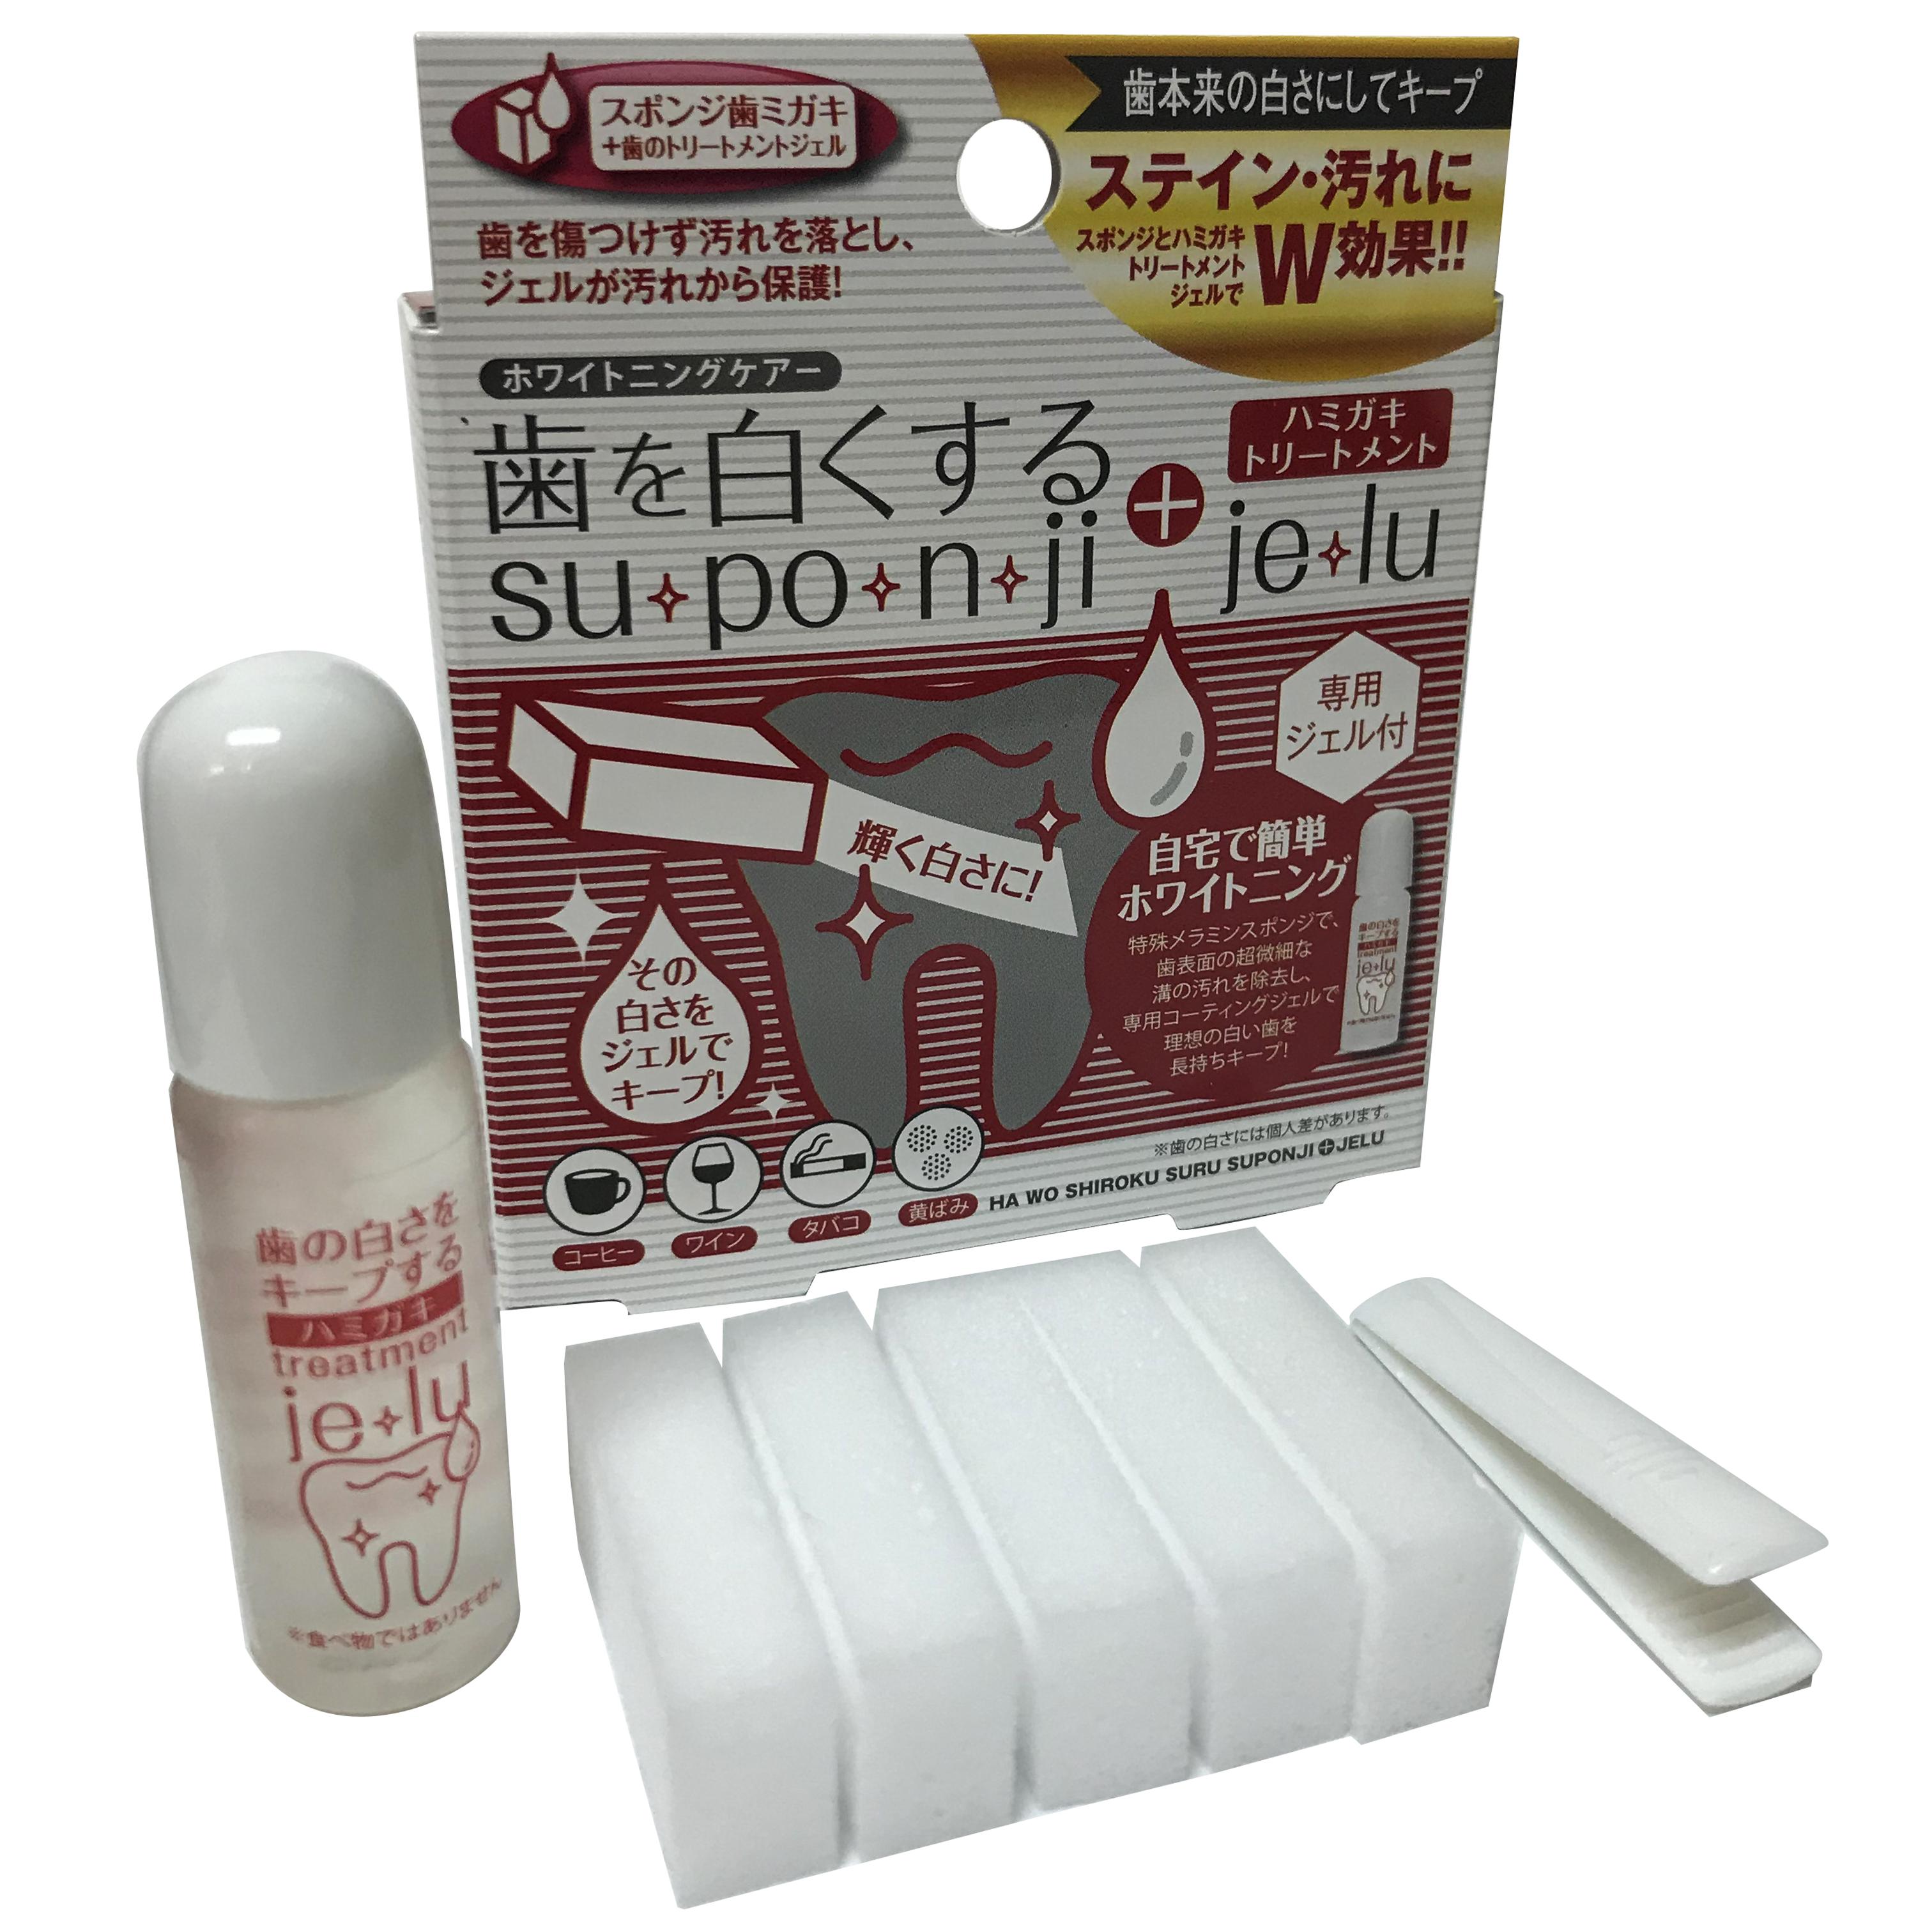 歯を白くするsu・po・n・ji+ハミガキトリートメントje・luの仕入れ、卸し問屋ならミュー株式会社